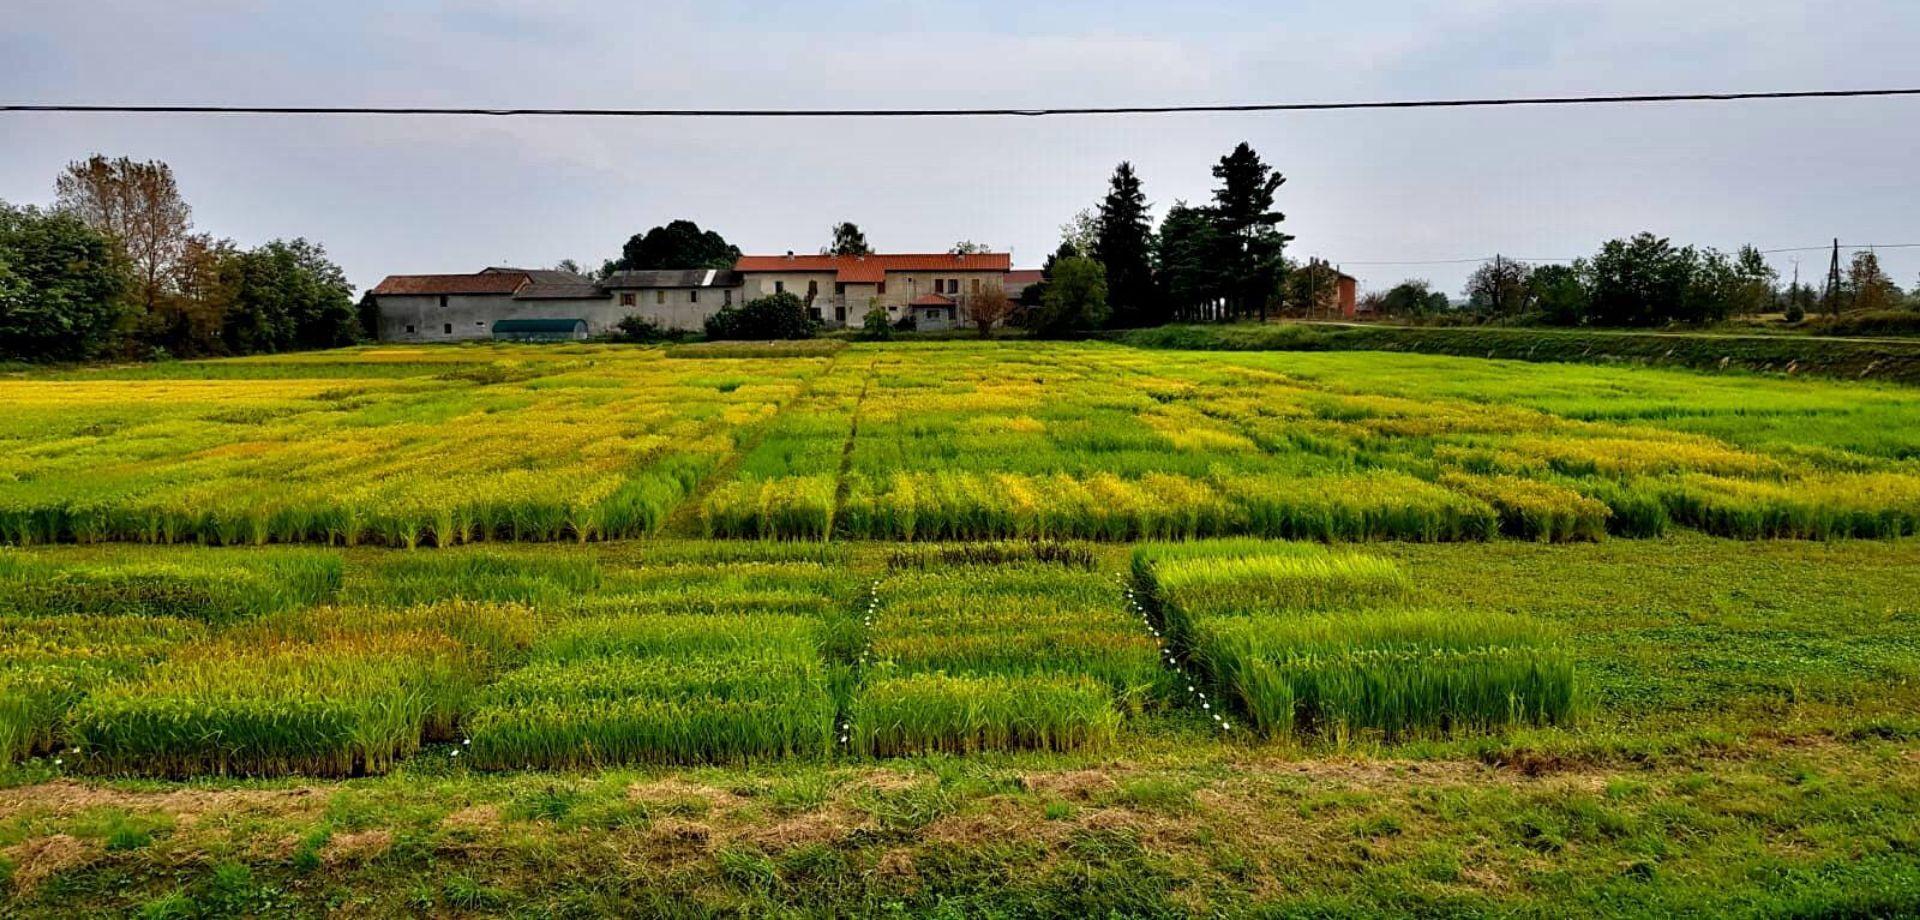 Analisi sensoriale del riso